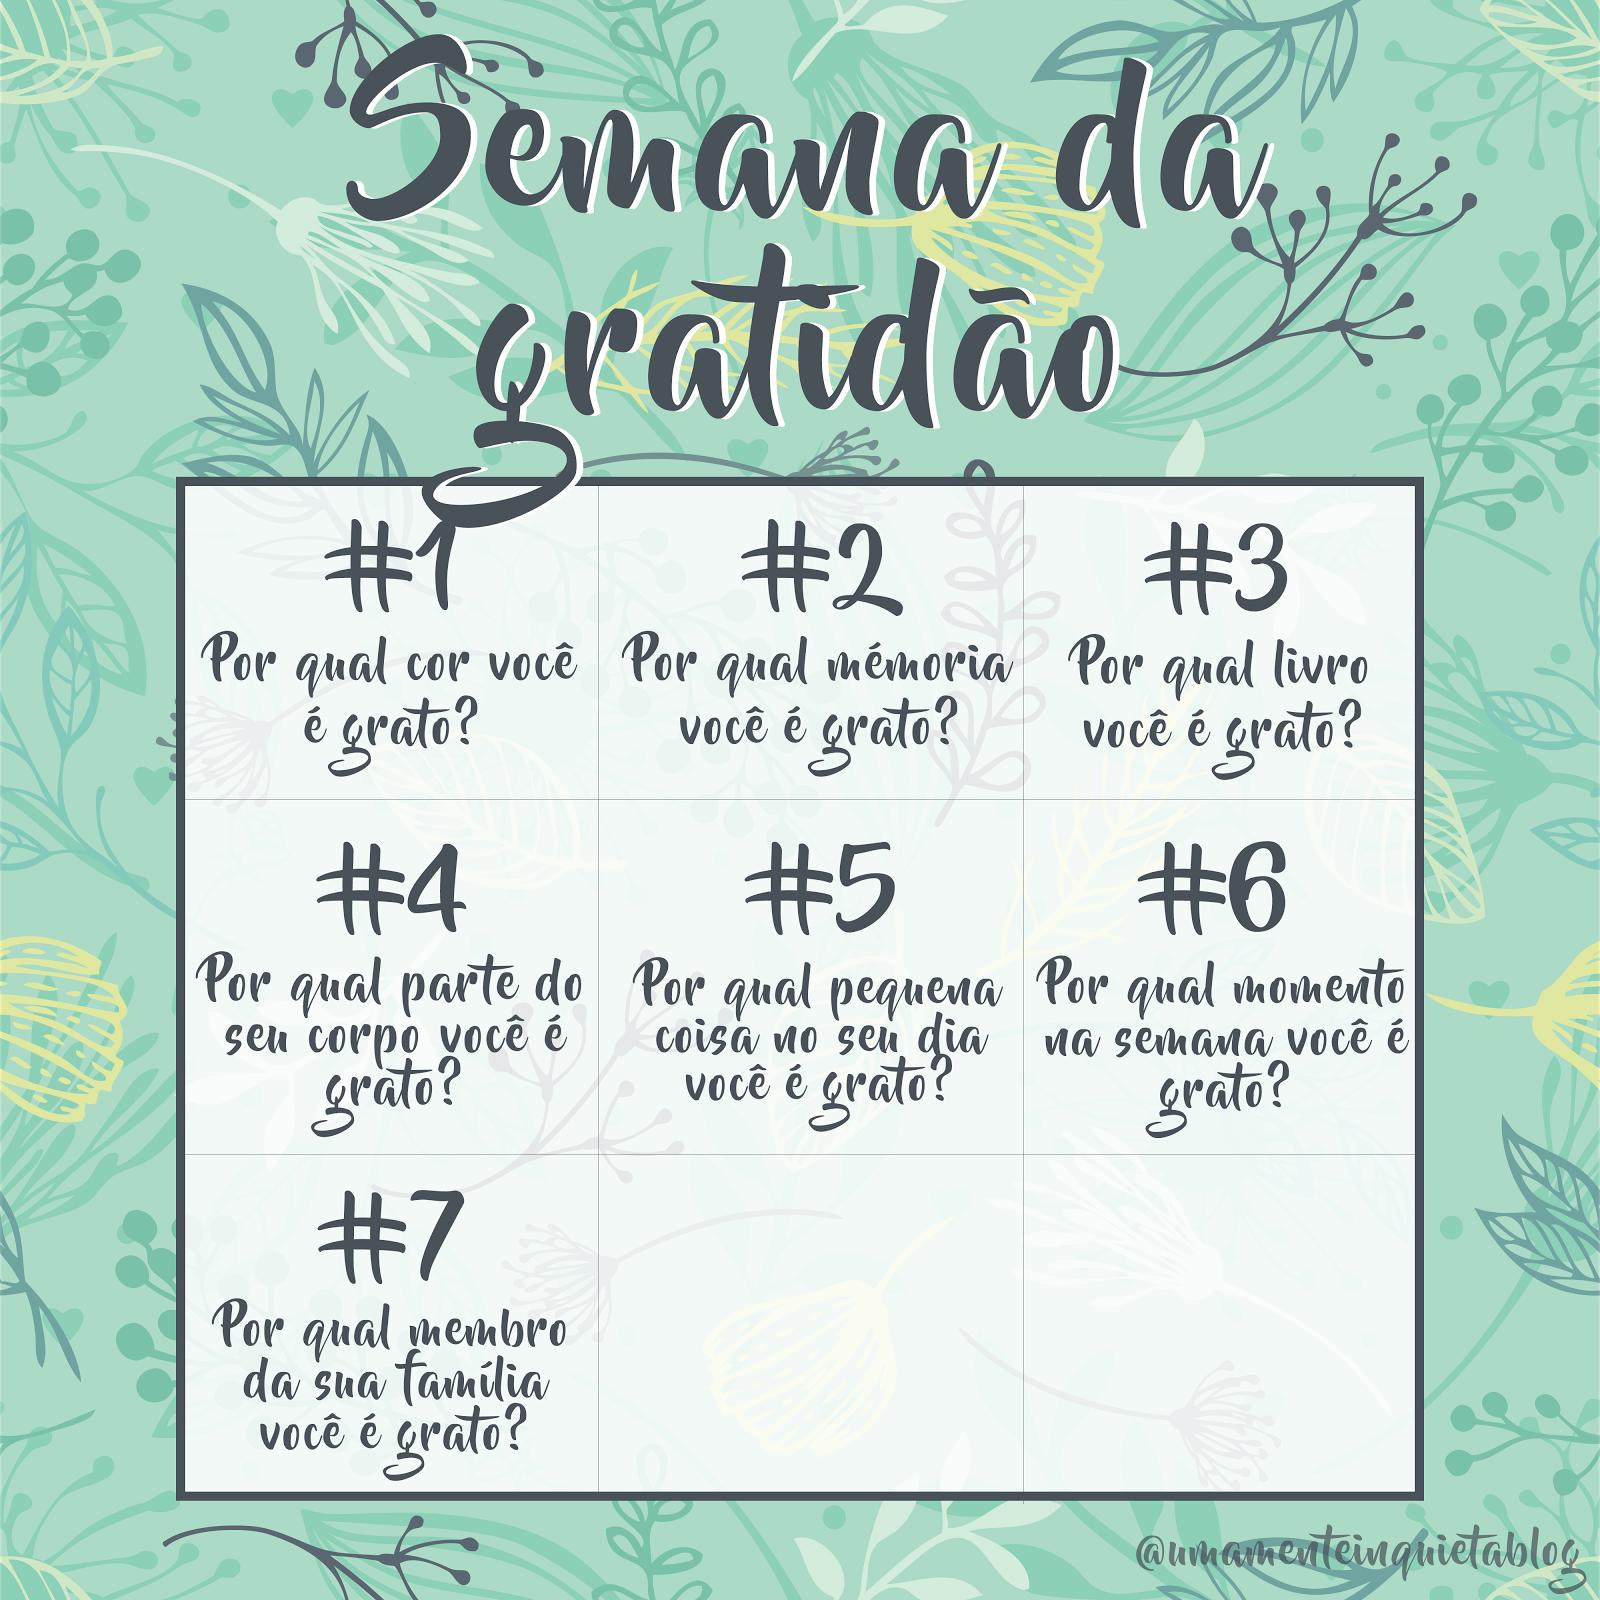 Desafio da gratidão